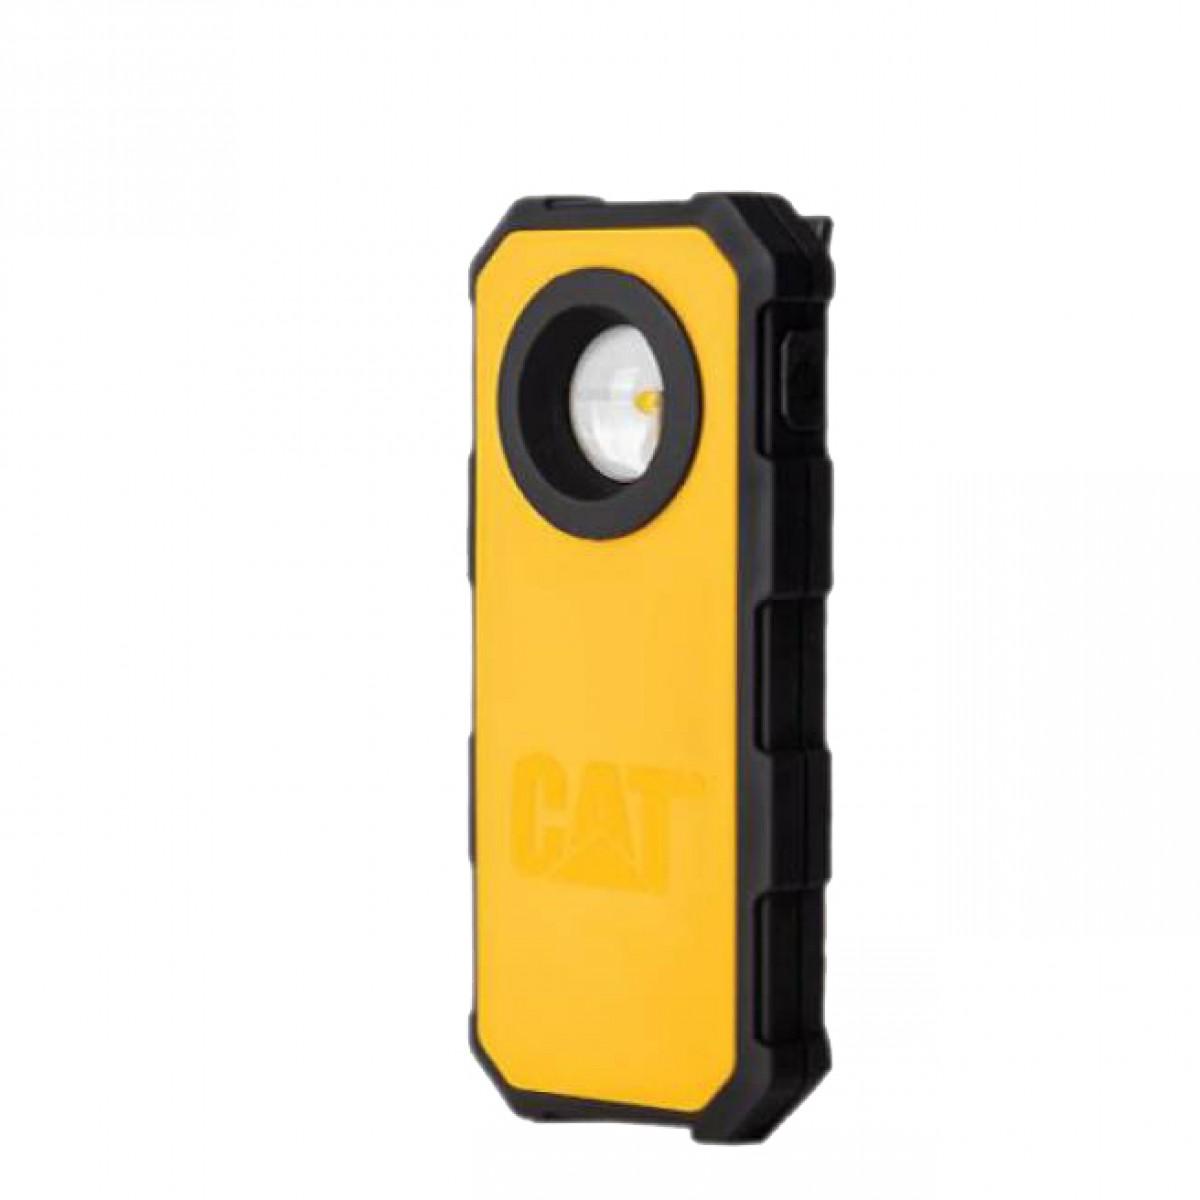 Φακός τσέπης διπλός ABS 120 & 250 Lumens CT5120 CAT Lights